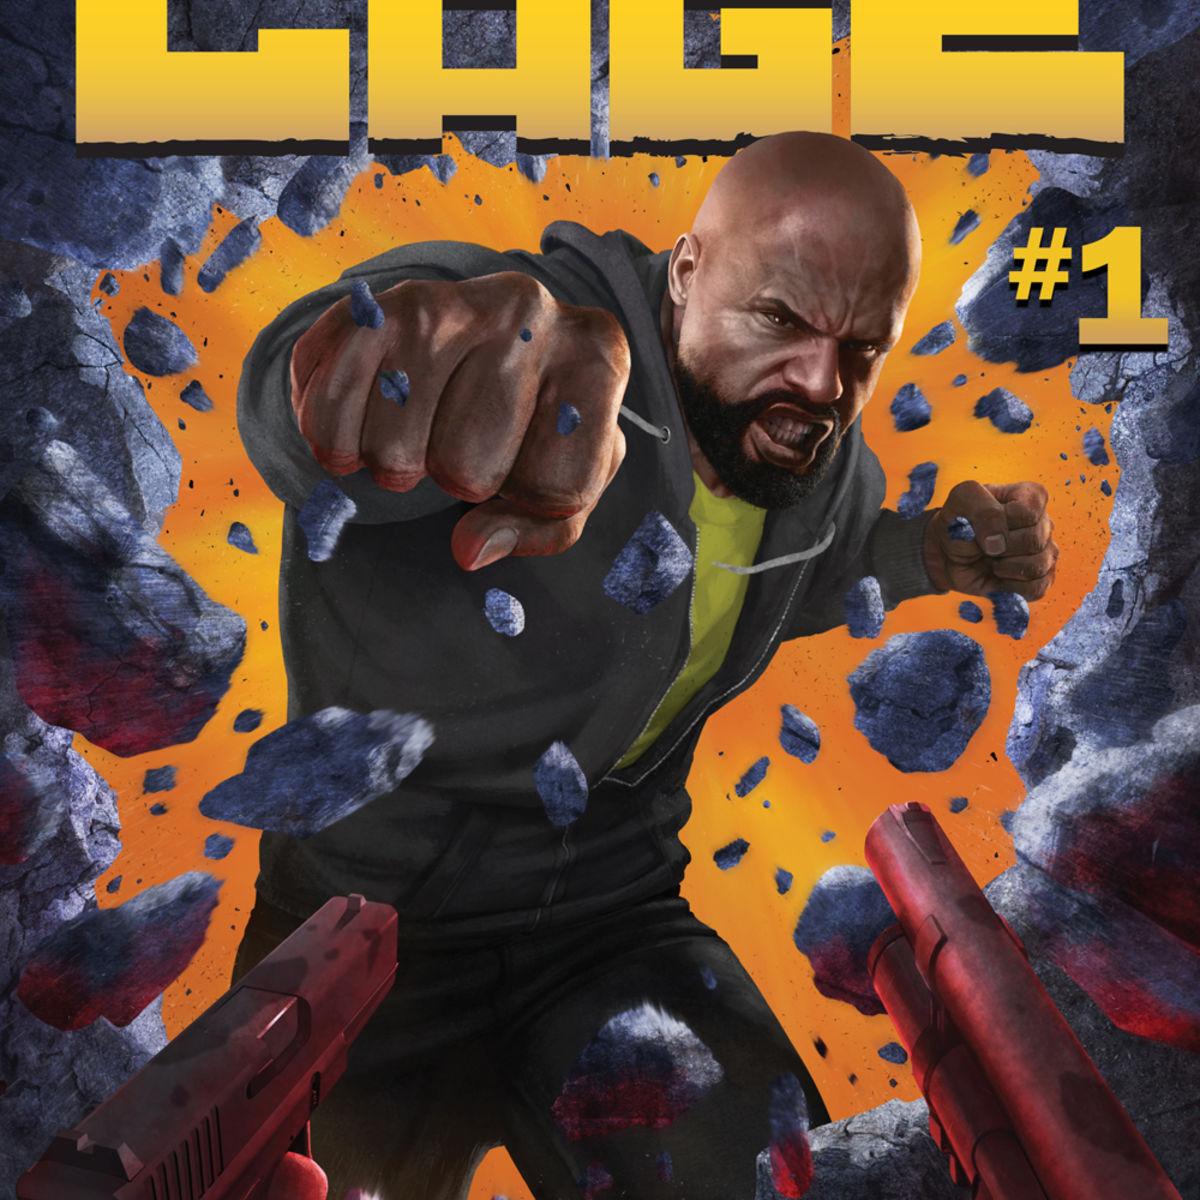 Luke_Cage_1_Cover.jpg